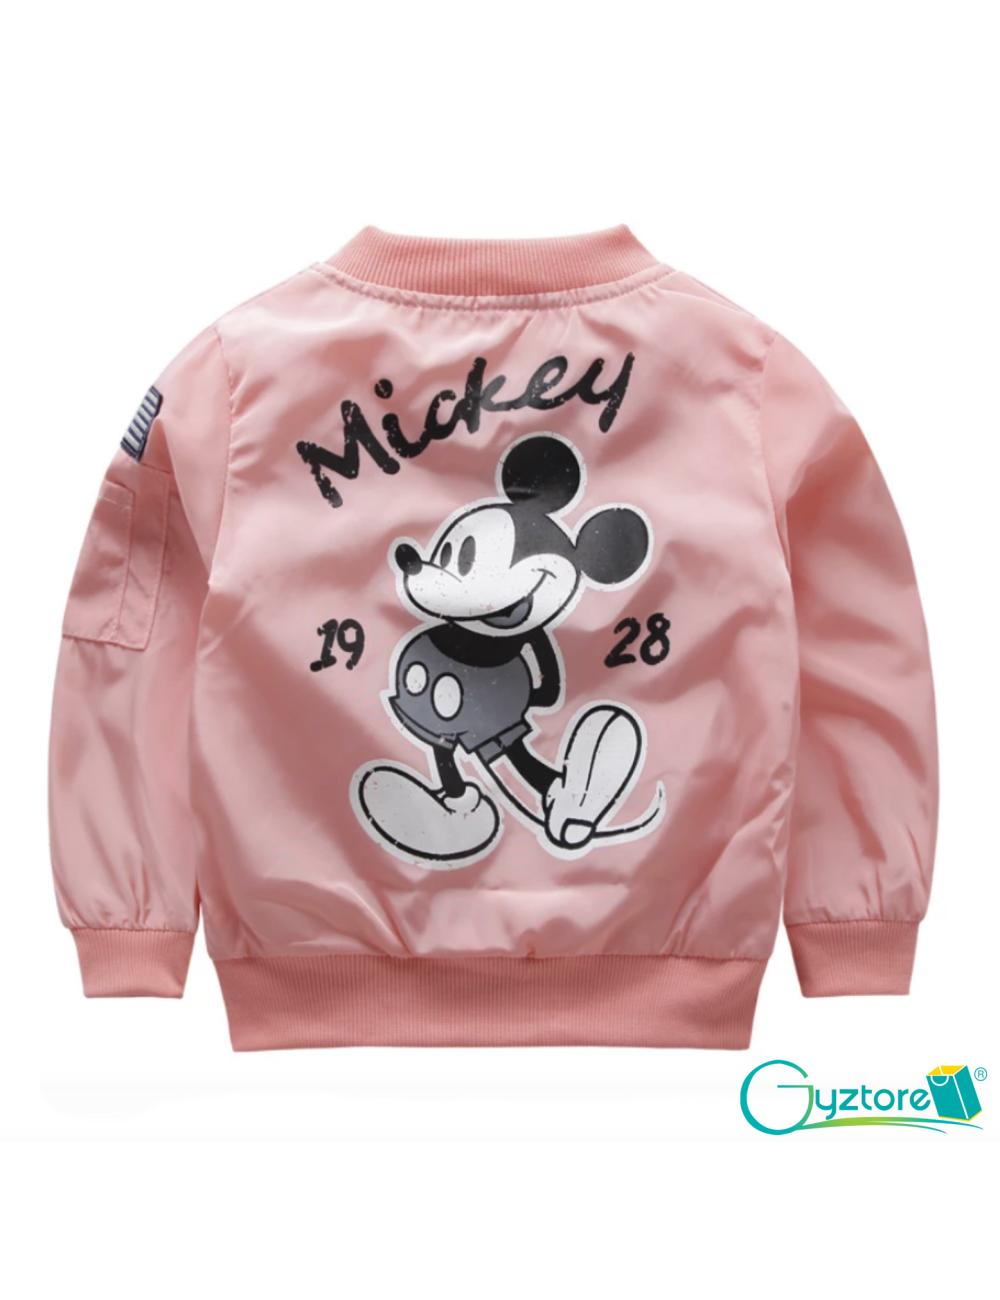 Jacket impermeable rosada diseño de Mickey